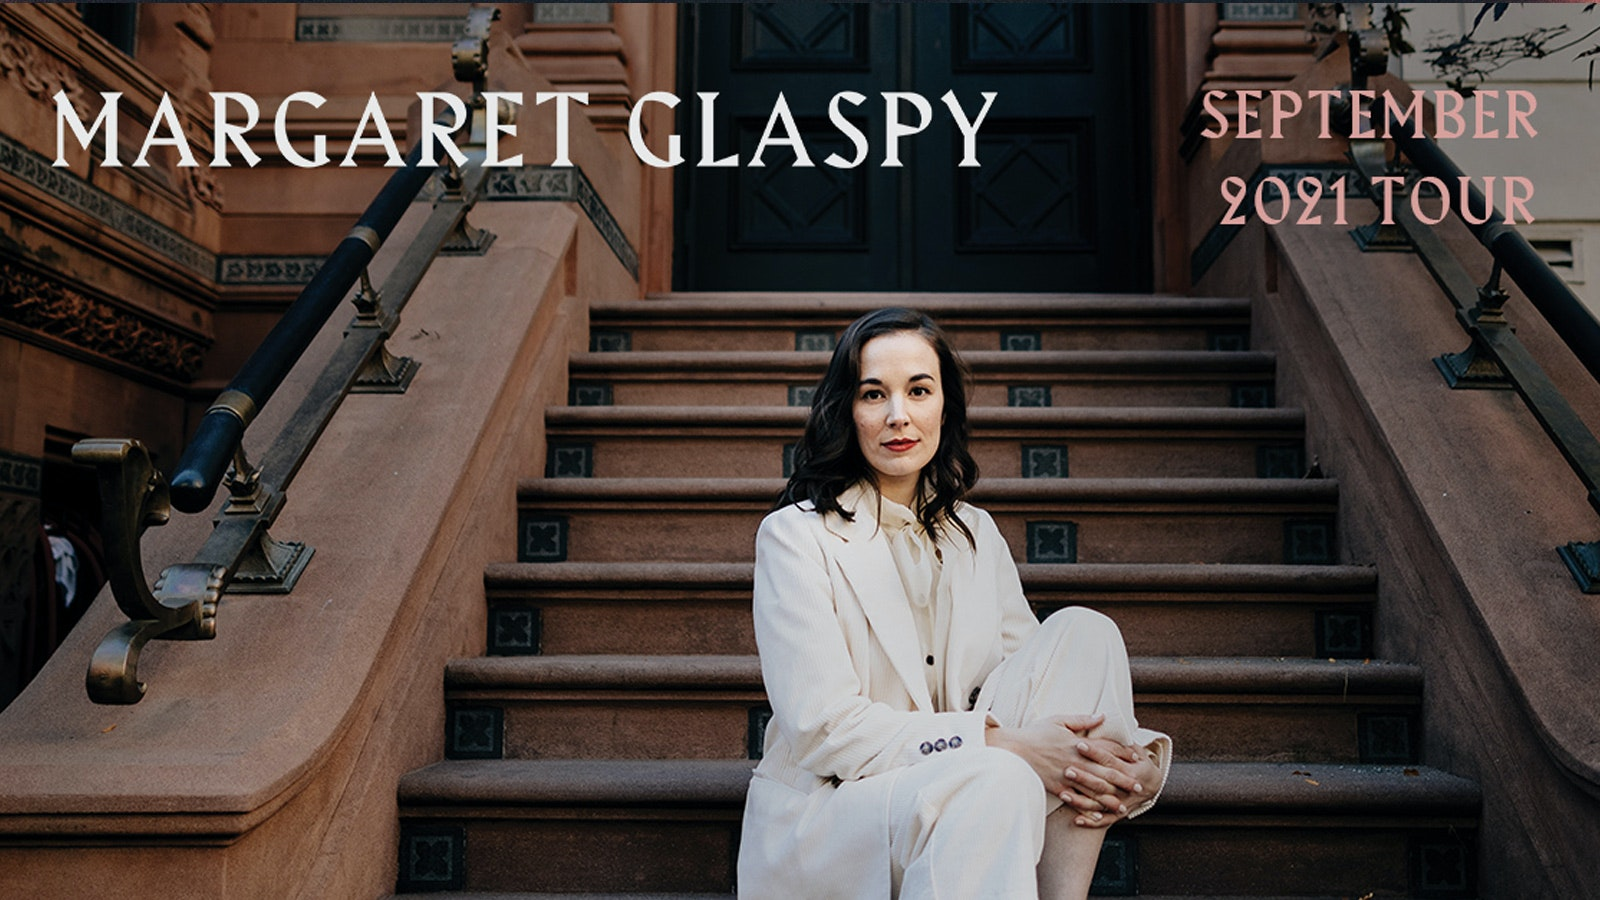 Margaret Glaspy